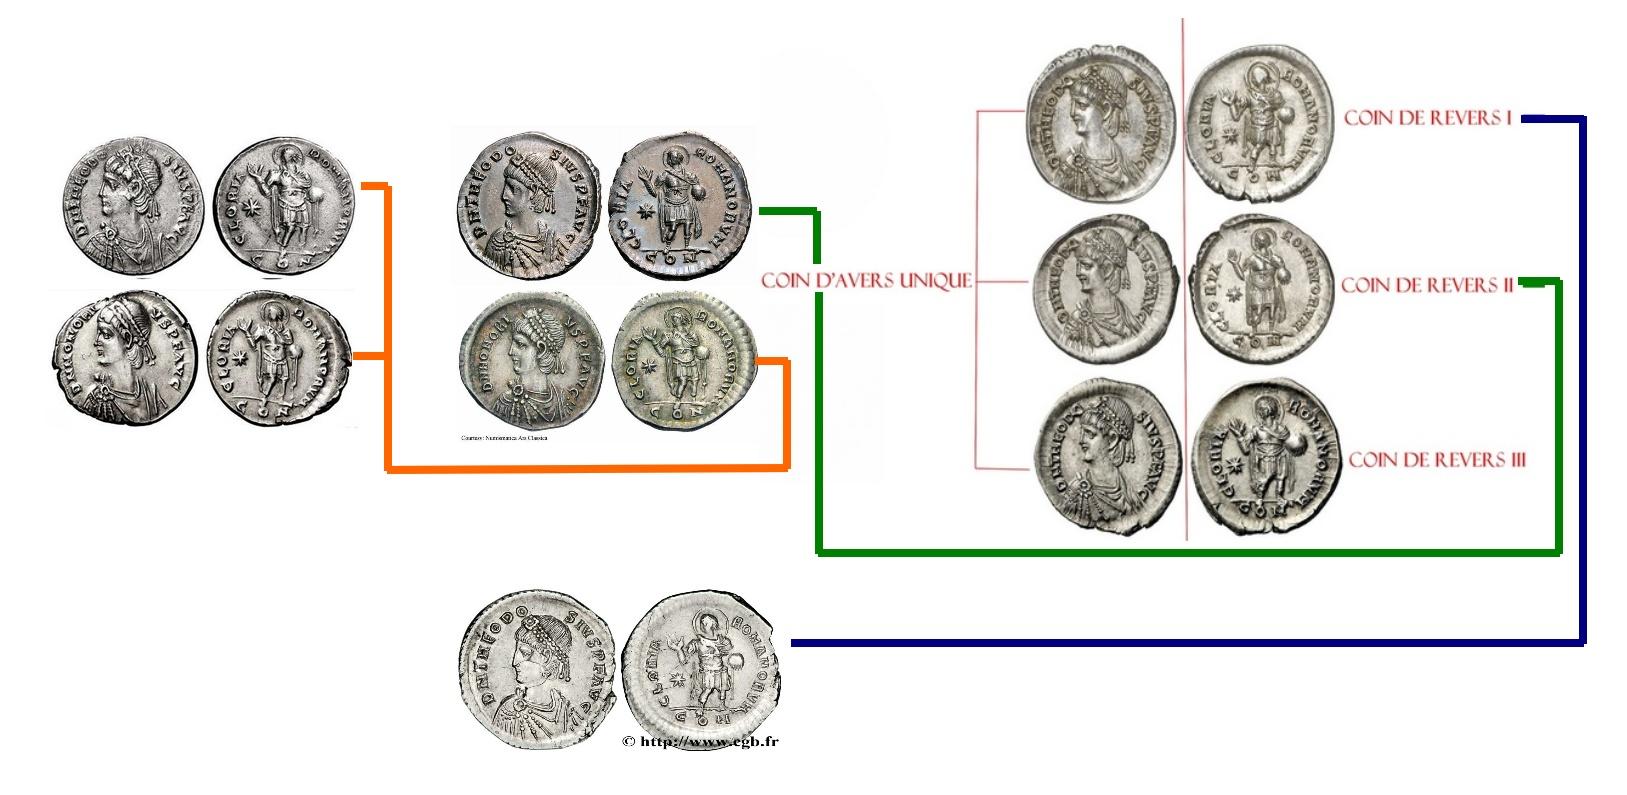 Comparaison de coins du Miliarense de Théodose II   - Page 2 Tabb_b10